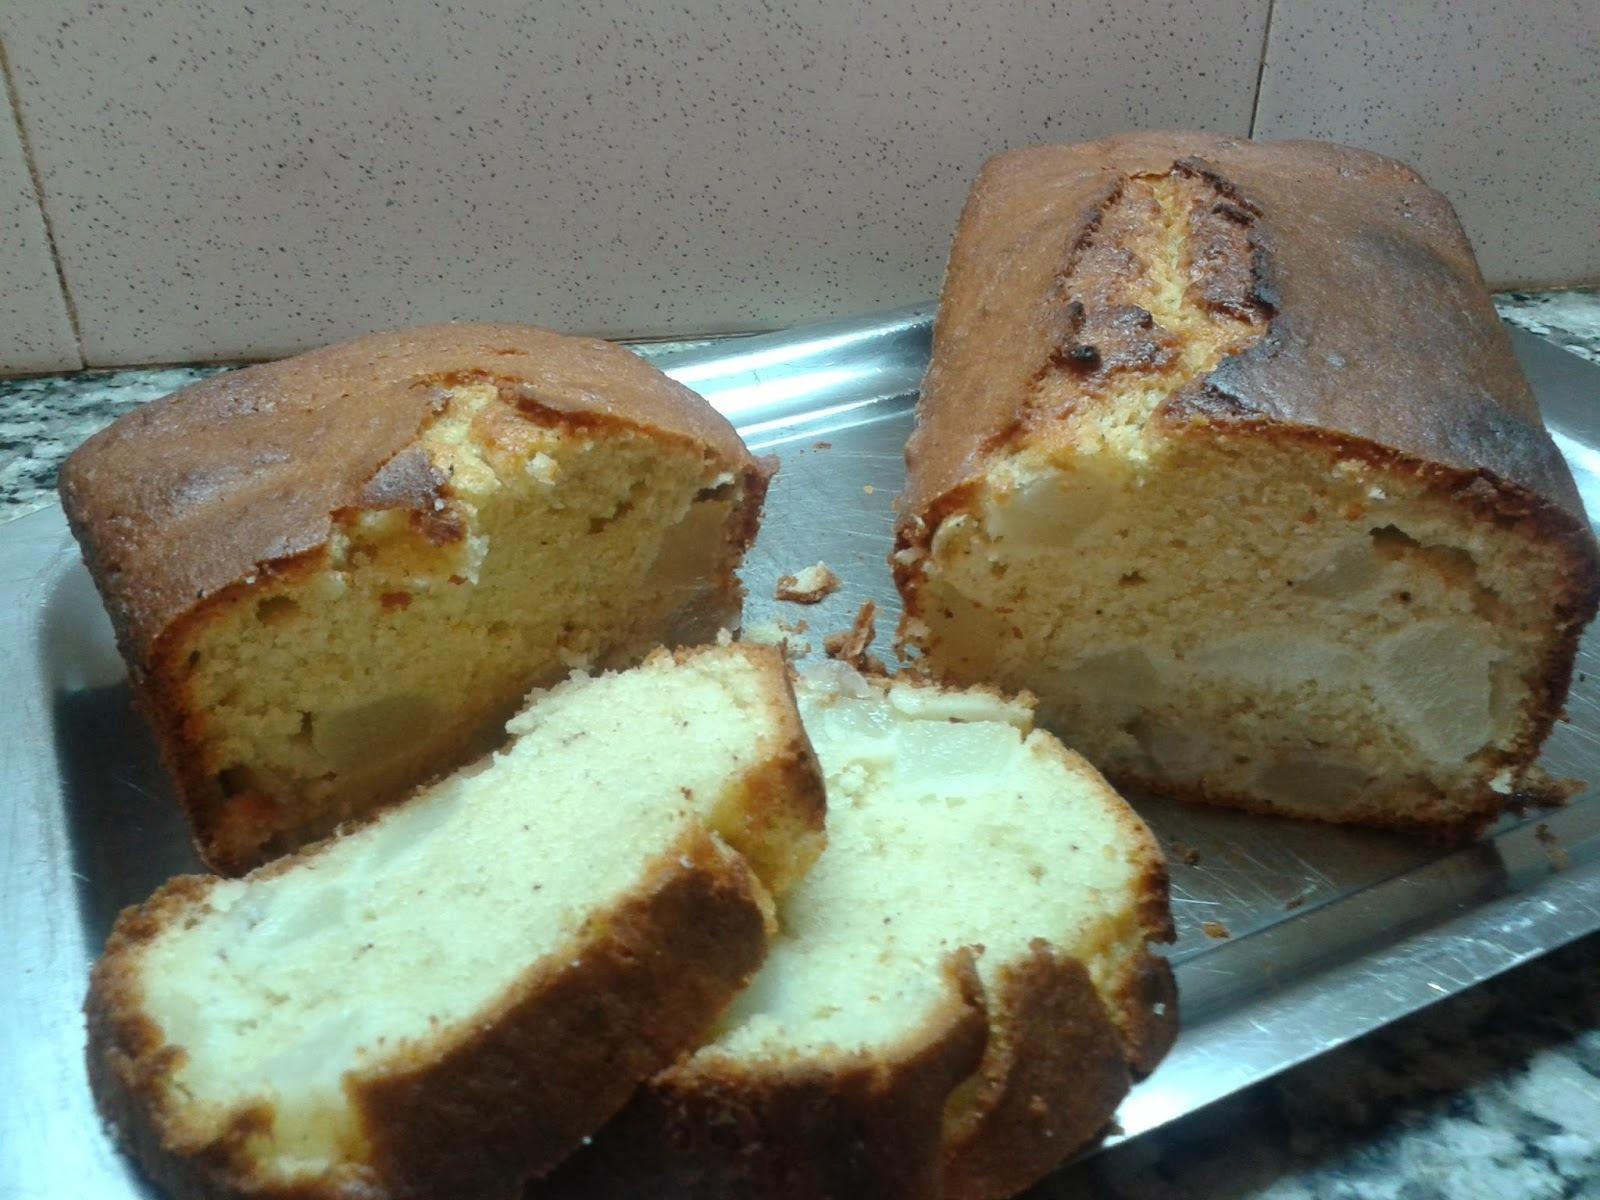 PLUM CAKE DE PERAS Y ESPECIAS